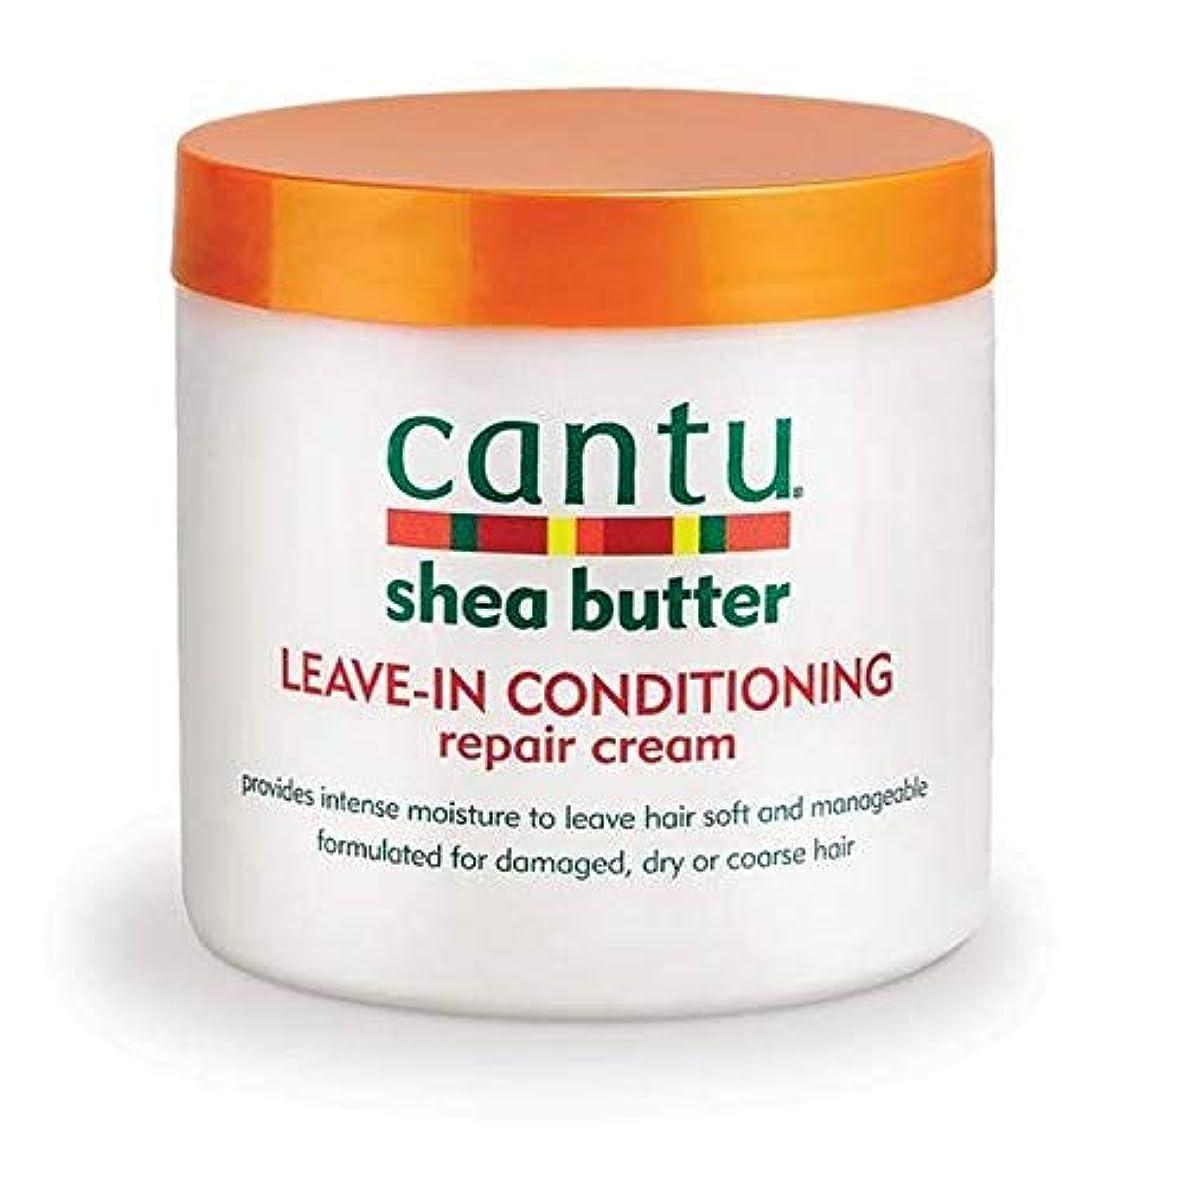 副挽く穴[Cantu ] エアコン修理クリーム453グラムでカントゥシアバター休暇 - Cantu Shea Butter Leave in Conditioning Repair Cream 453g [並行輸入品]